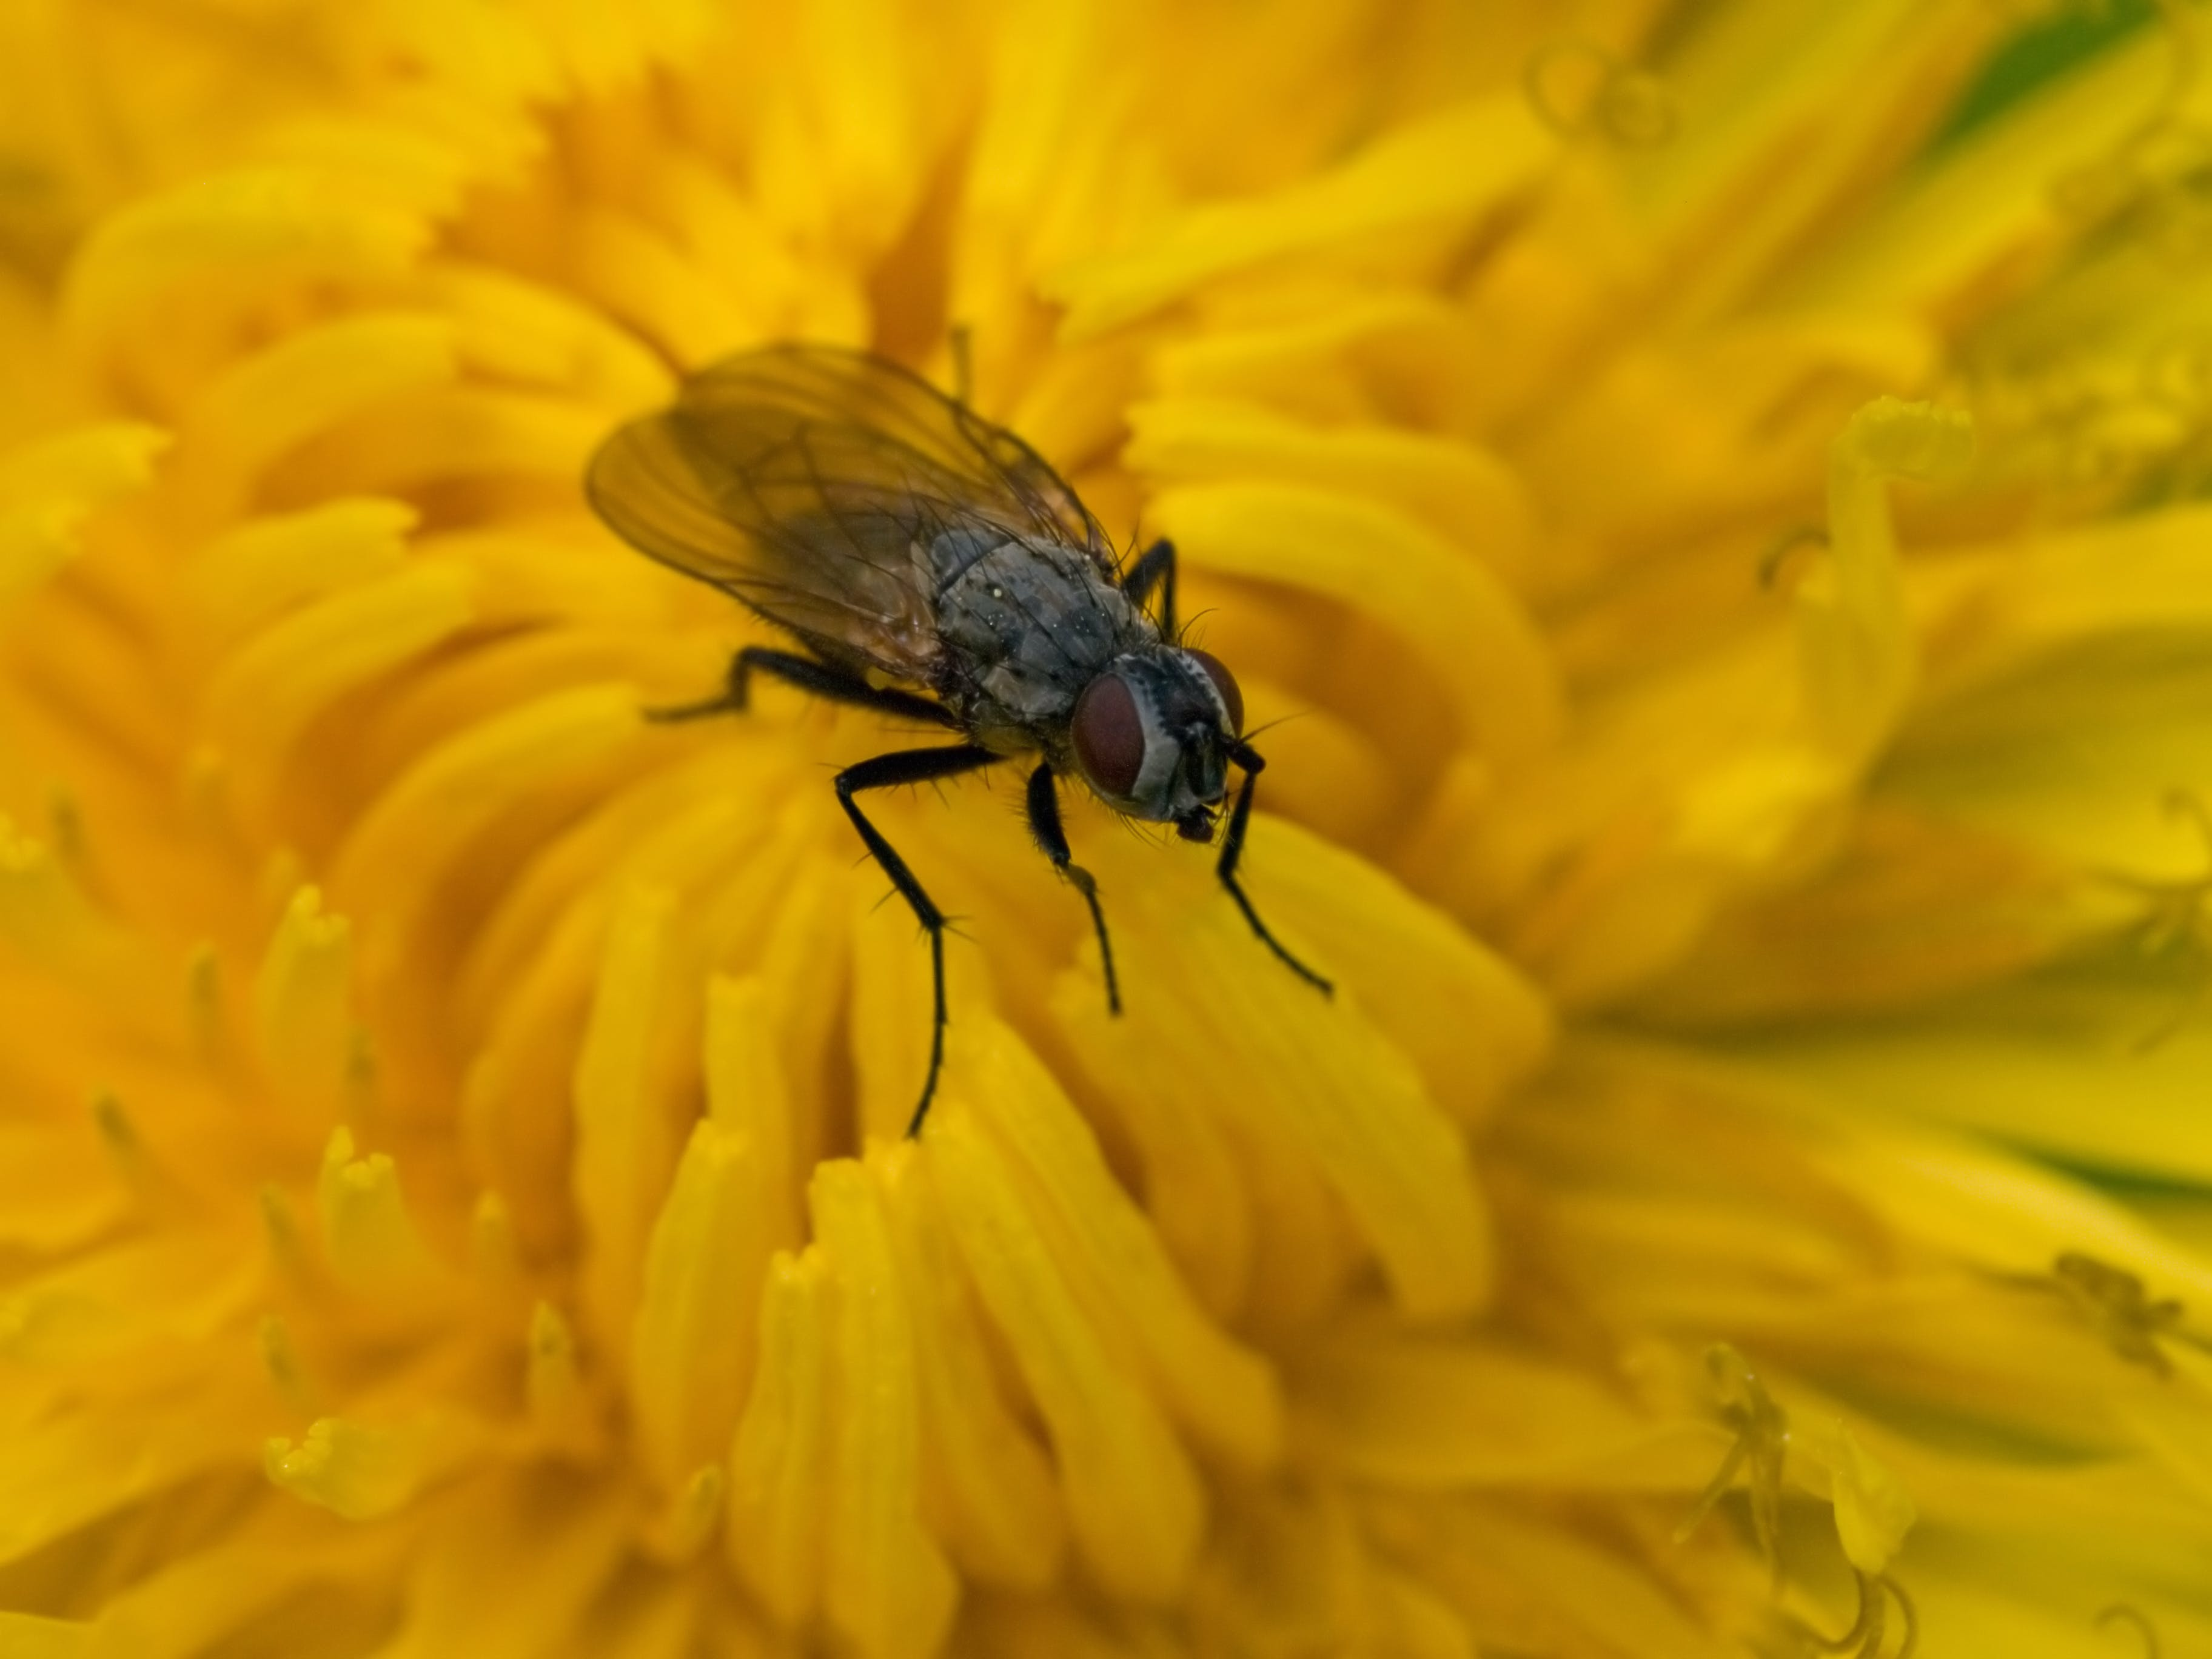 Δωρεάν στοκ φωτογραφιών με ανθίζω, άνθος, γκρο πλαν, έντομο